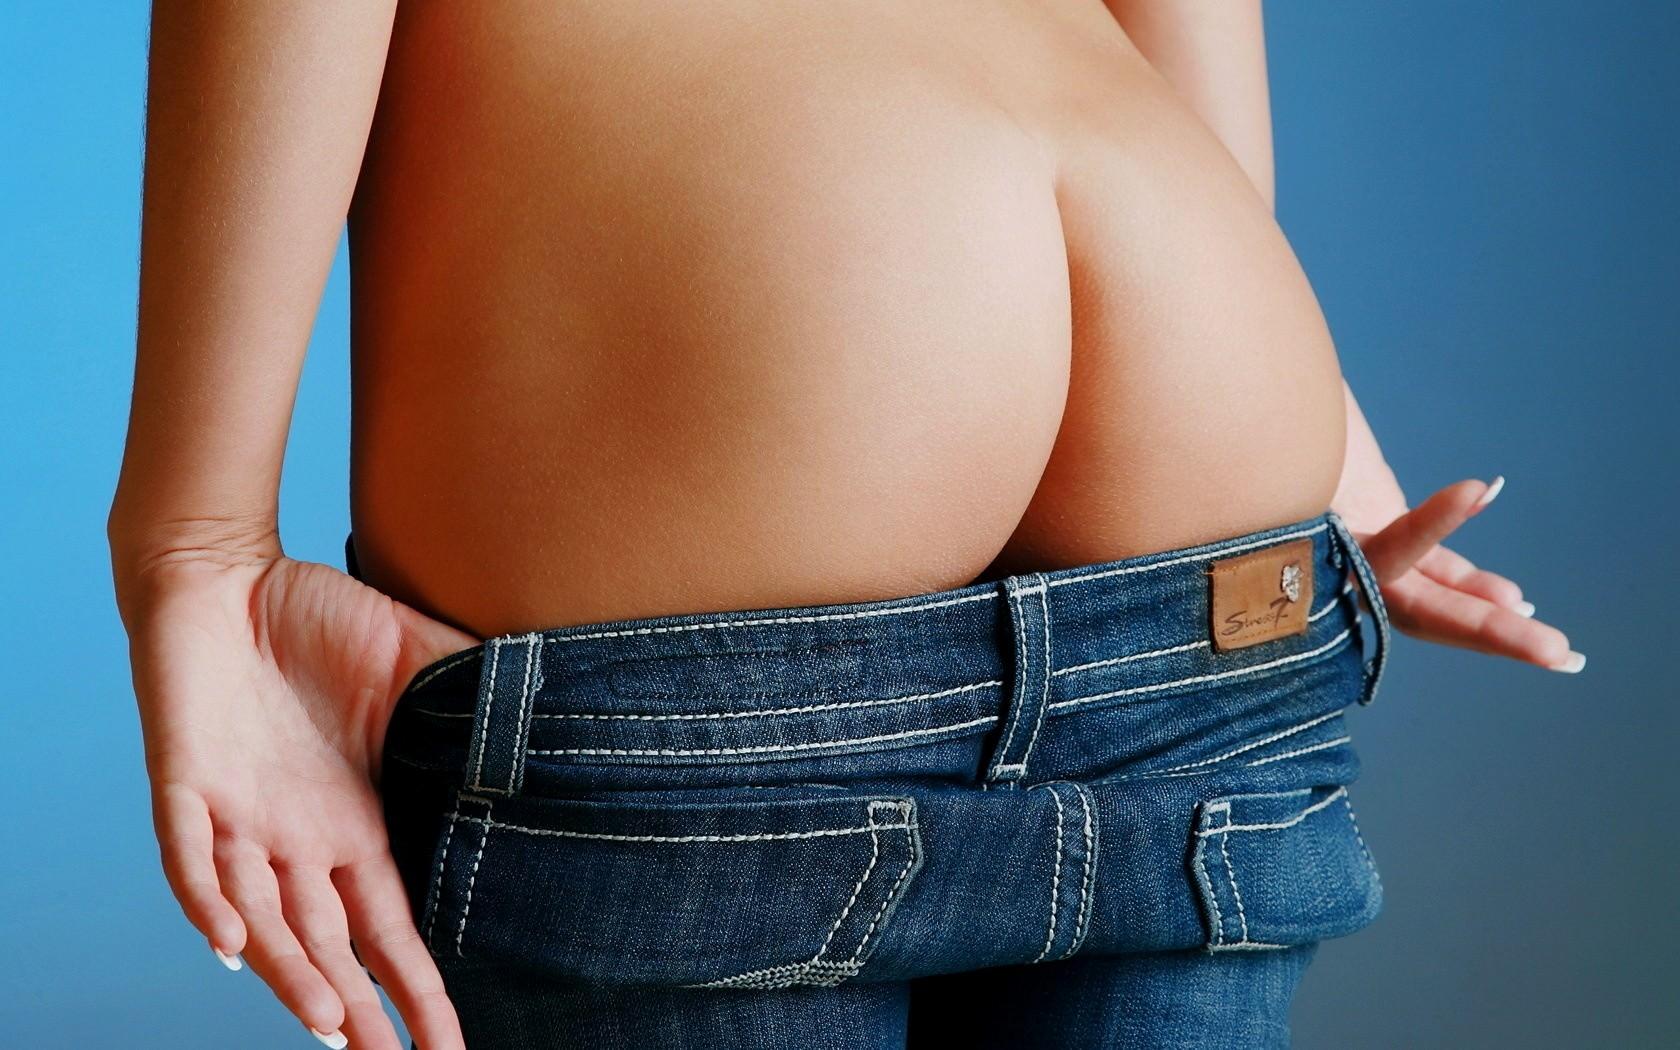 Спущенные джинсы видна попка 11 фотография